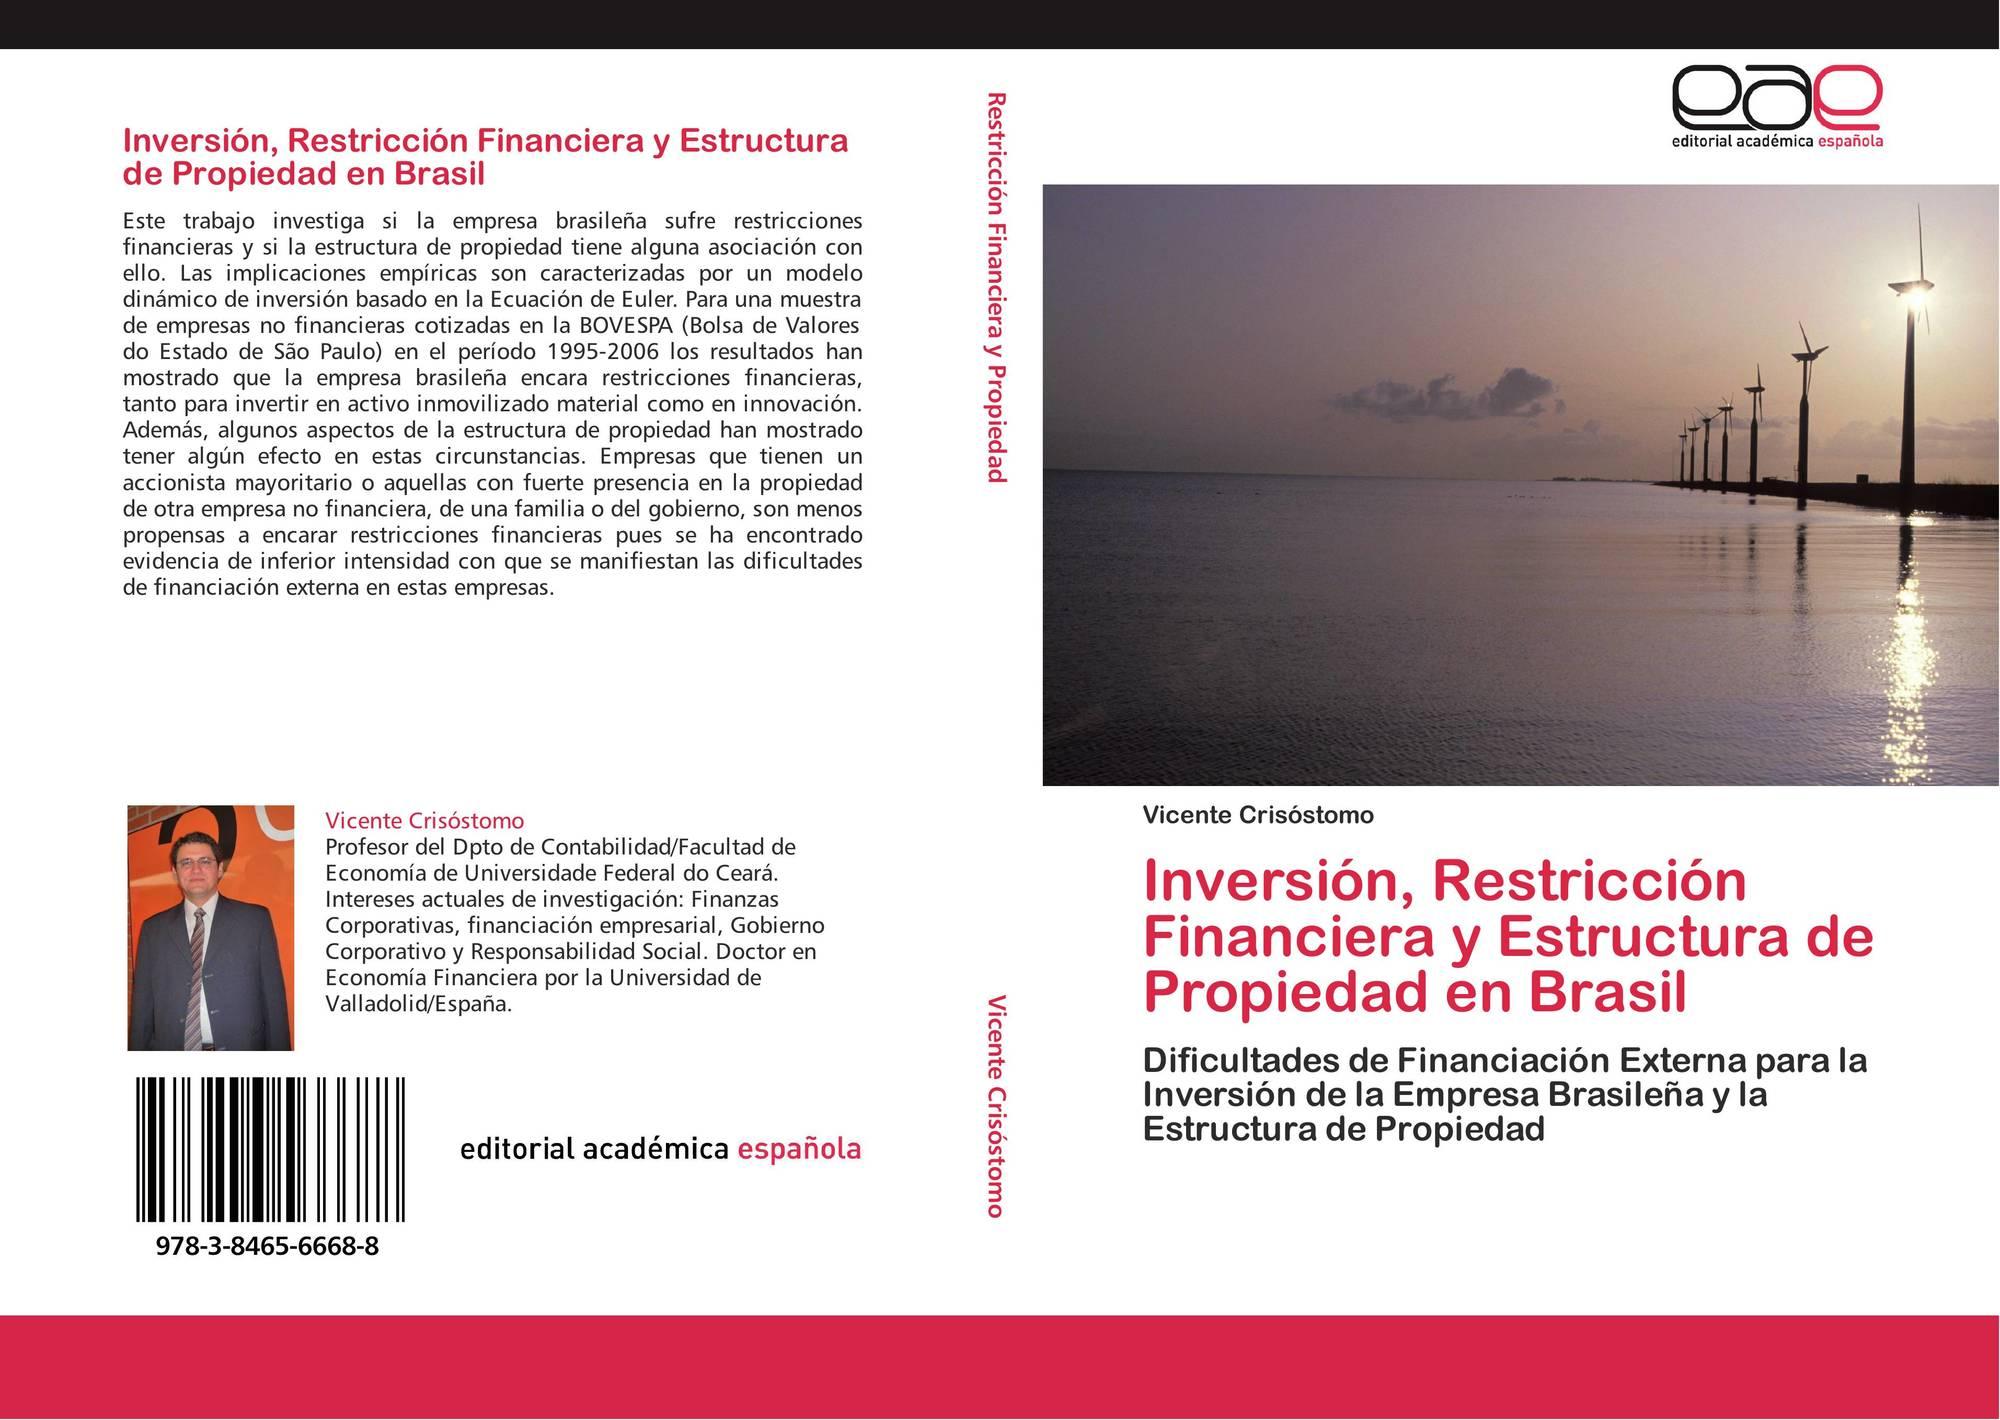 Inversión Restricción Financiera Y Estructura De Propiedad